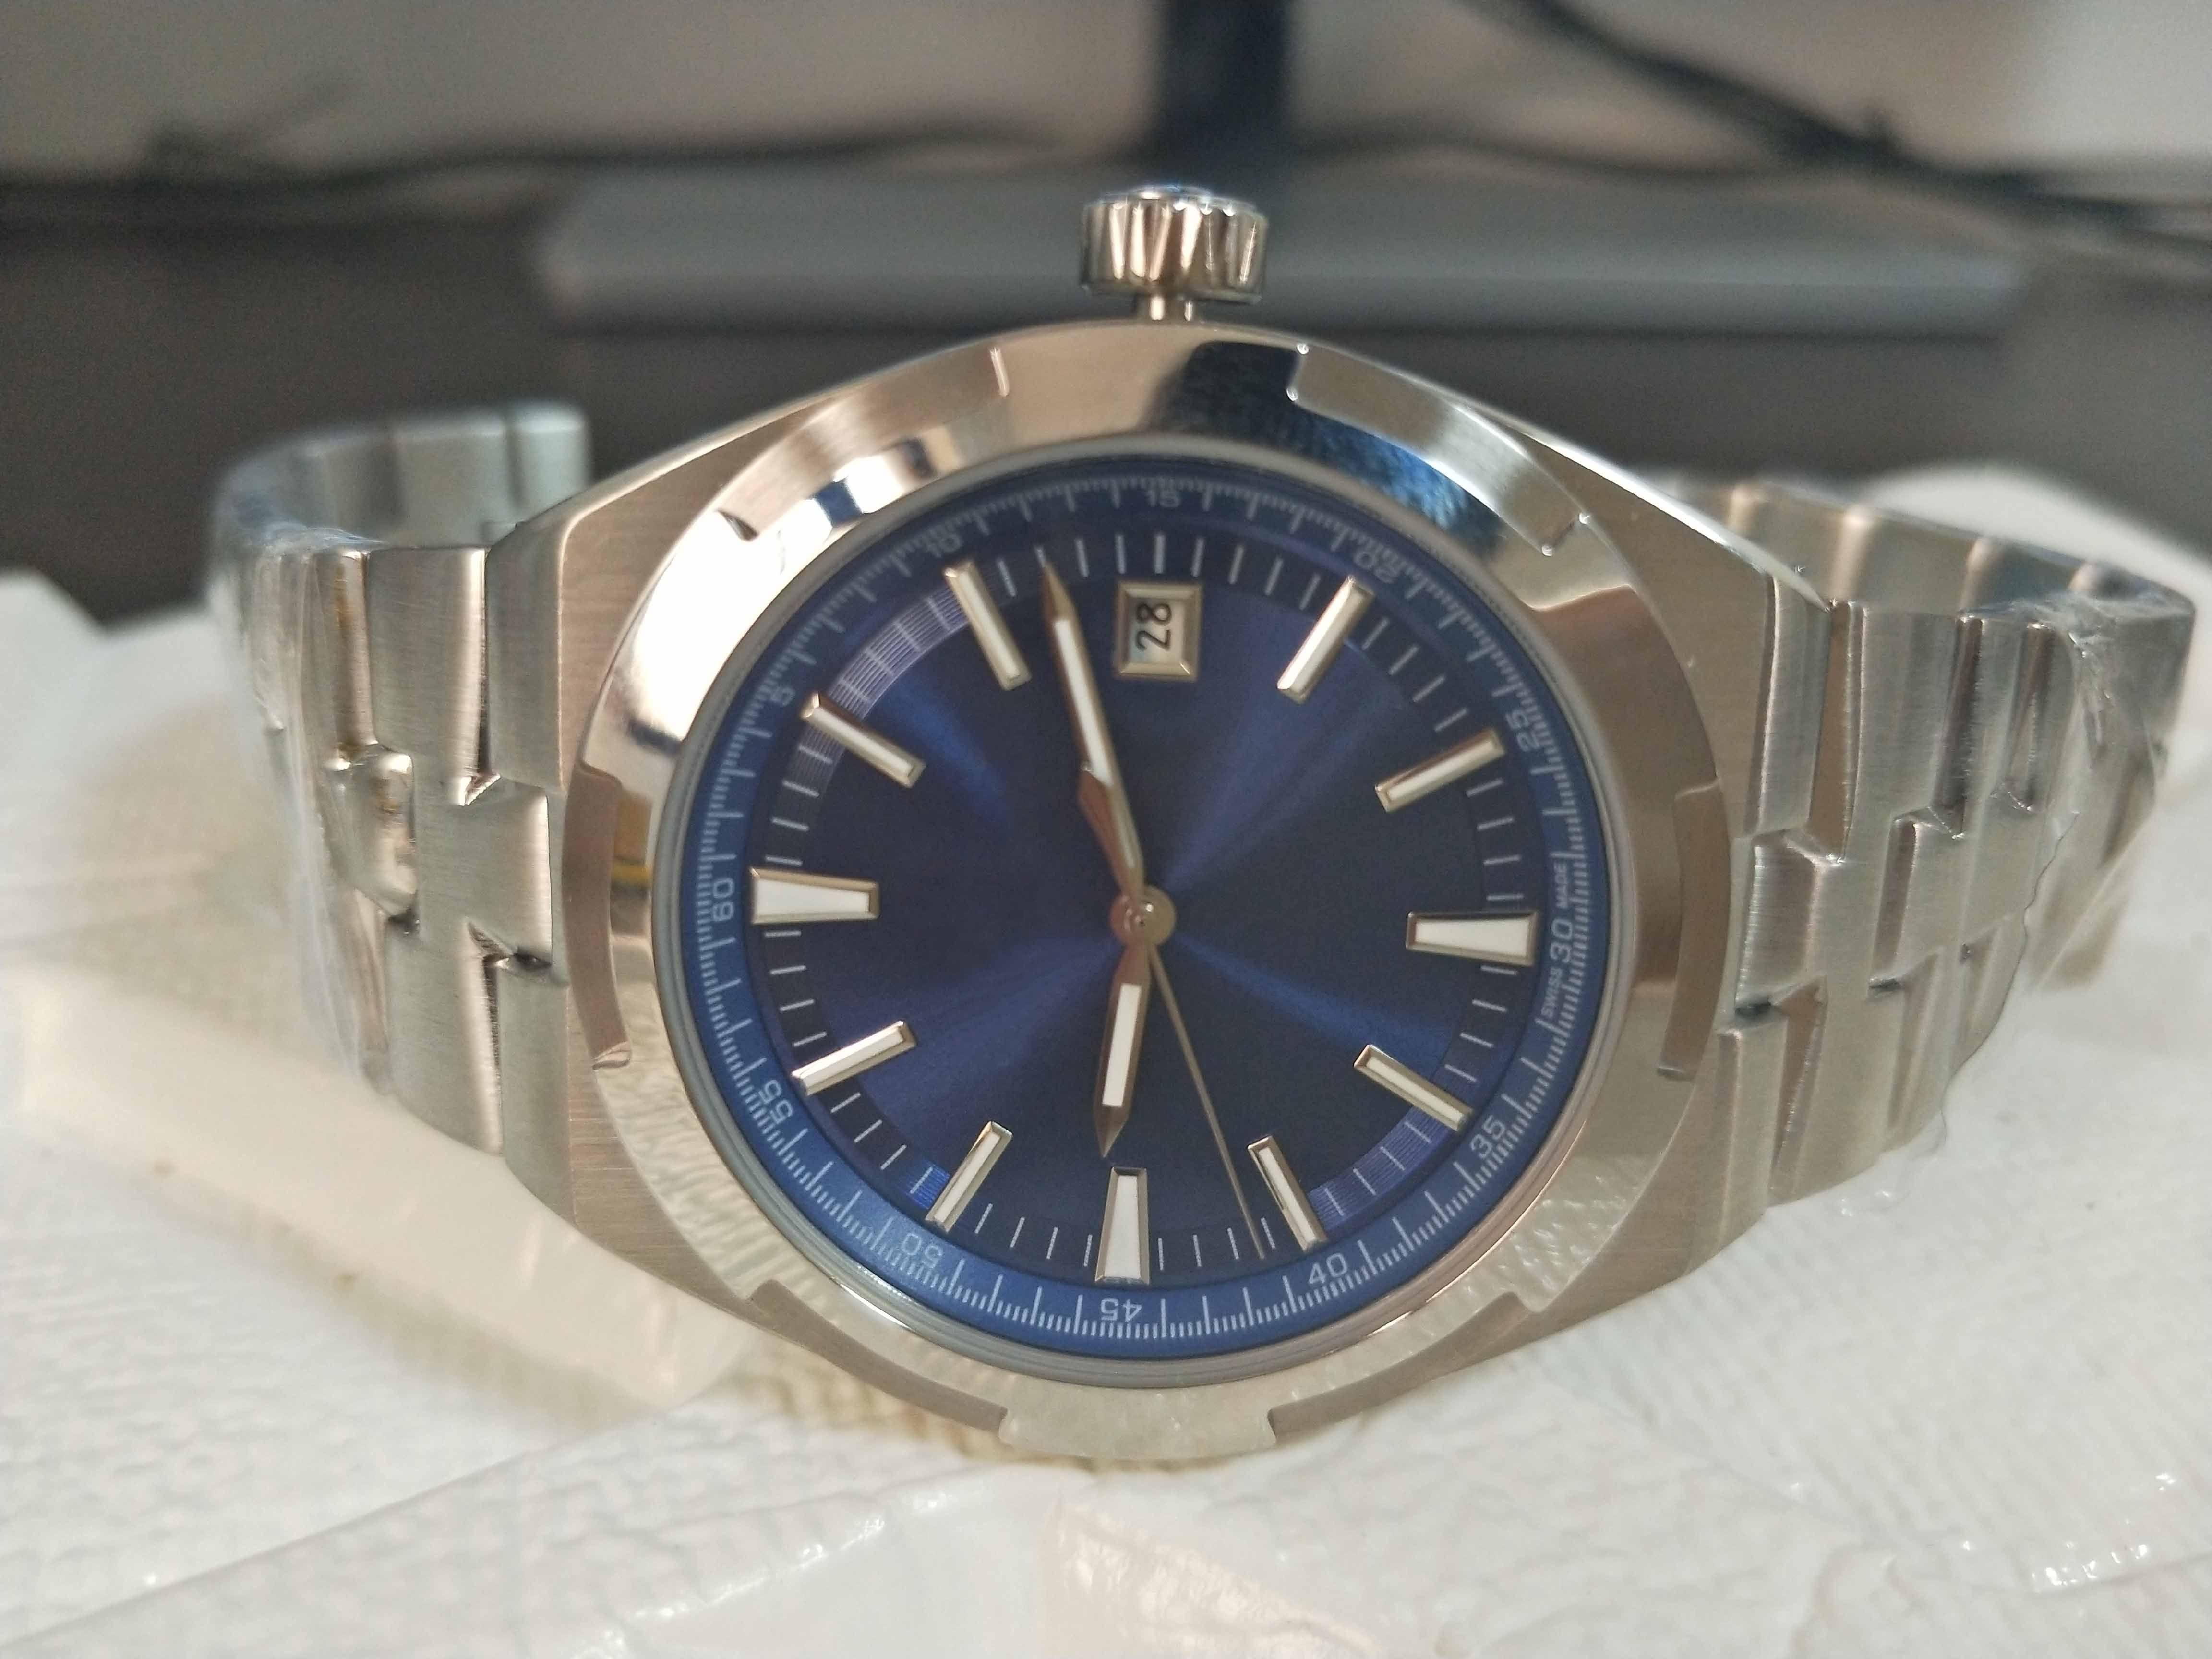 2 색 남성 높은 품질의 시계 41mm로 5500V110A-B481 4500V / 110A-B126 실버 기계 투명 자동 남성 시계 시계 다이얼